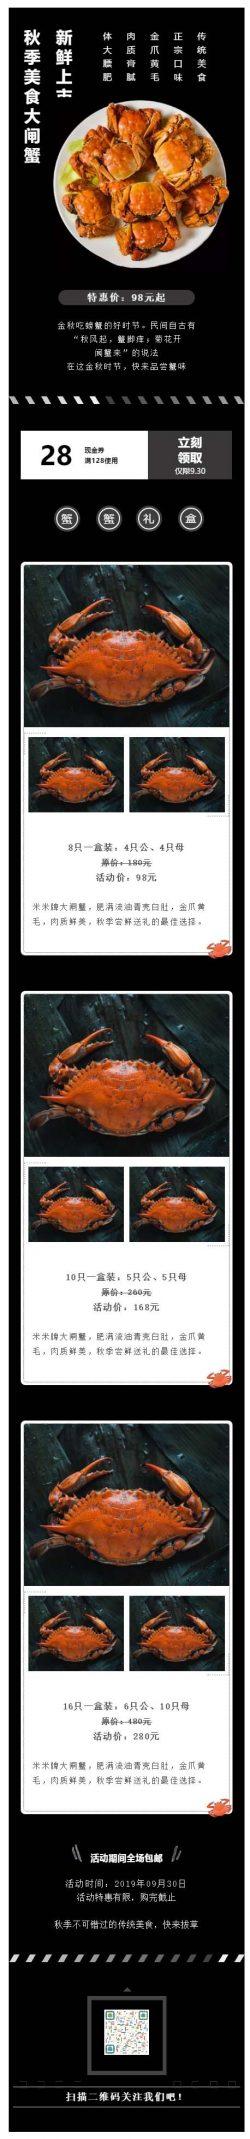 金秋吃螃蟹大闸蟹美食模板电商素材推文推送文章模板